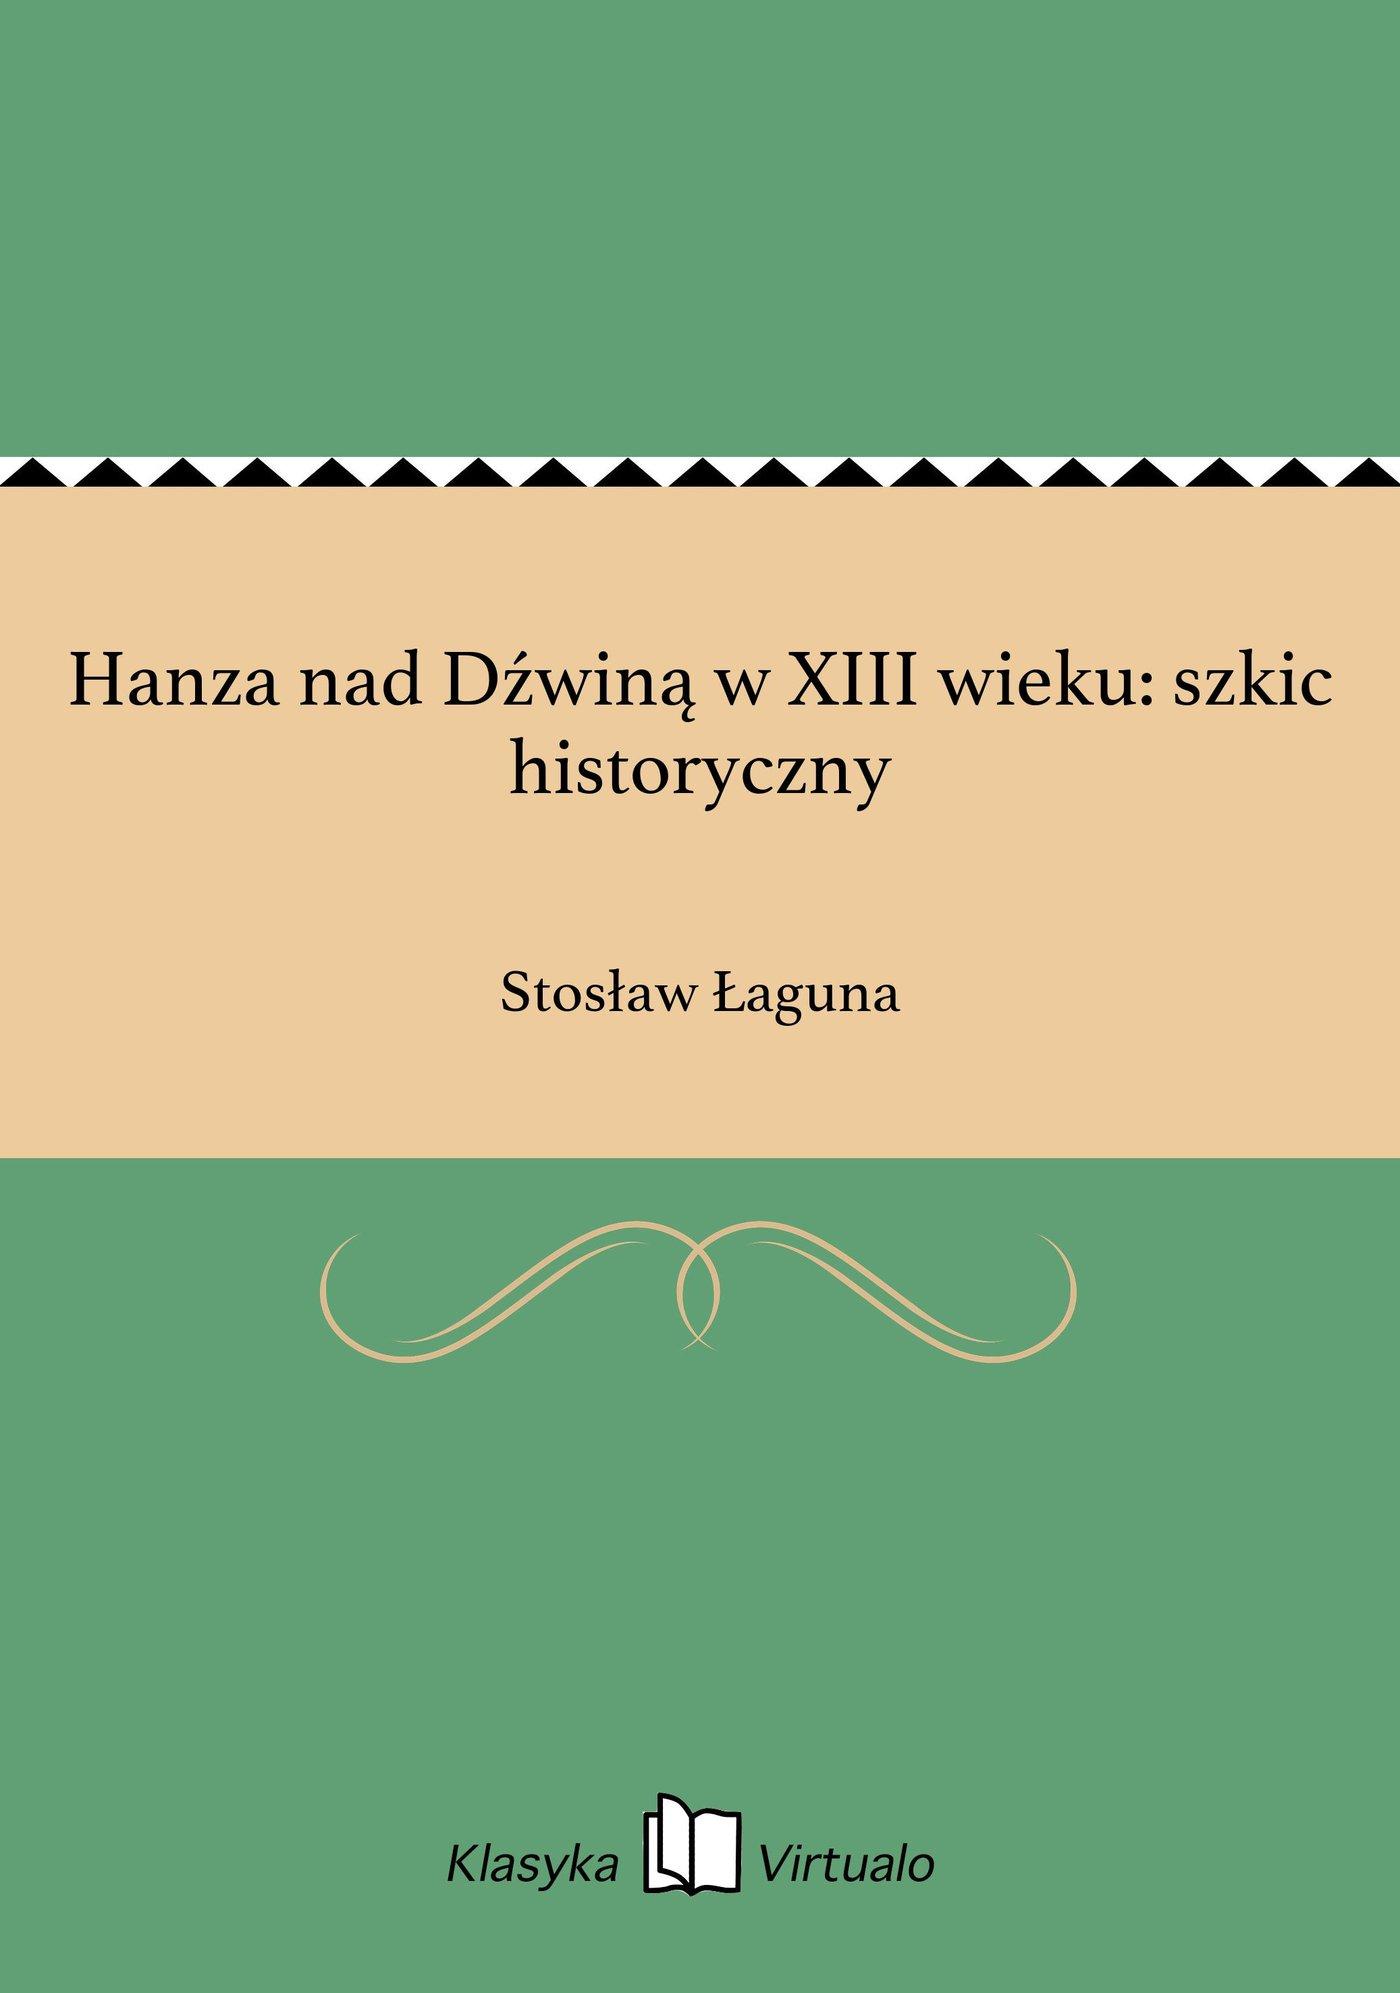 Hanza nad Dźwiną w XIII wieku: szkic historyczny - Ebook (Książka EPUB) do pobrania w formacie EPUB